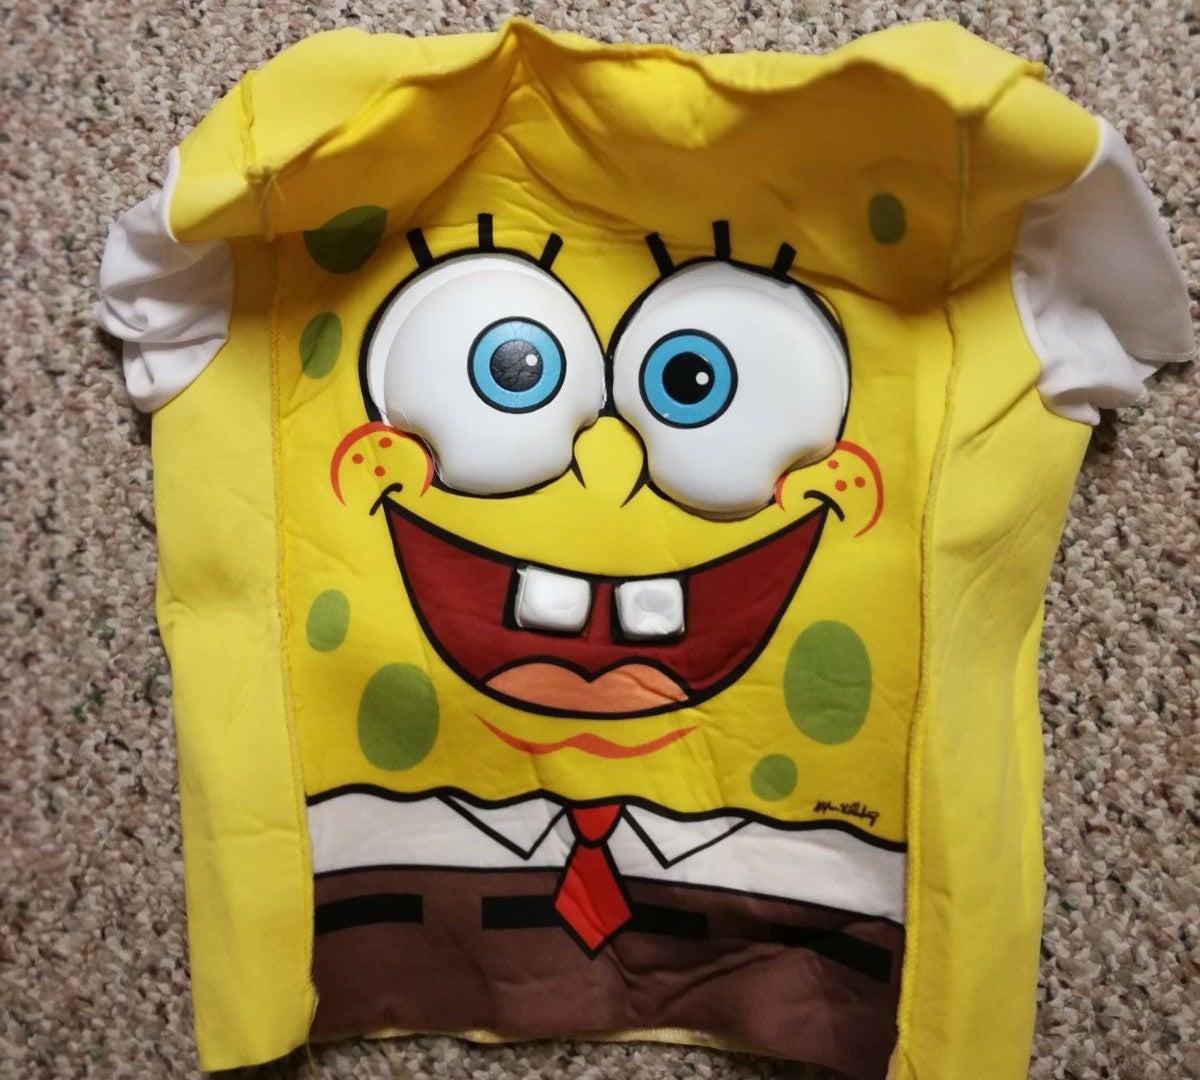 Spongebob halloween costume kids 4-6